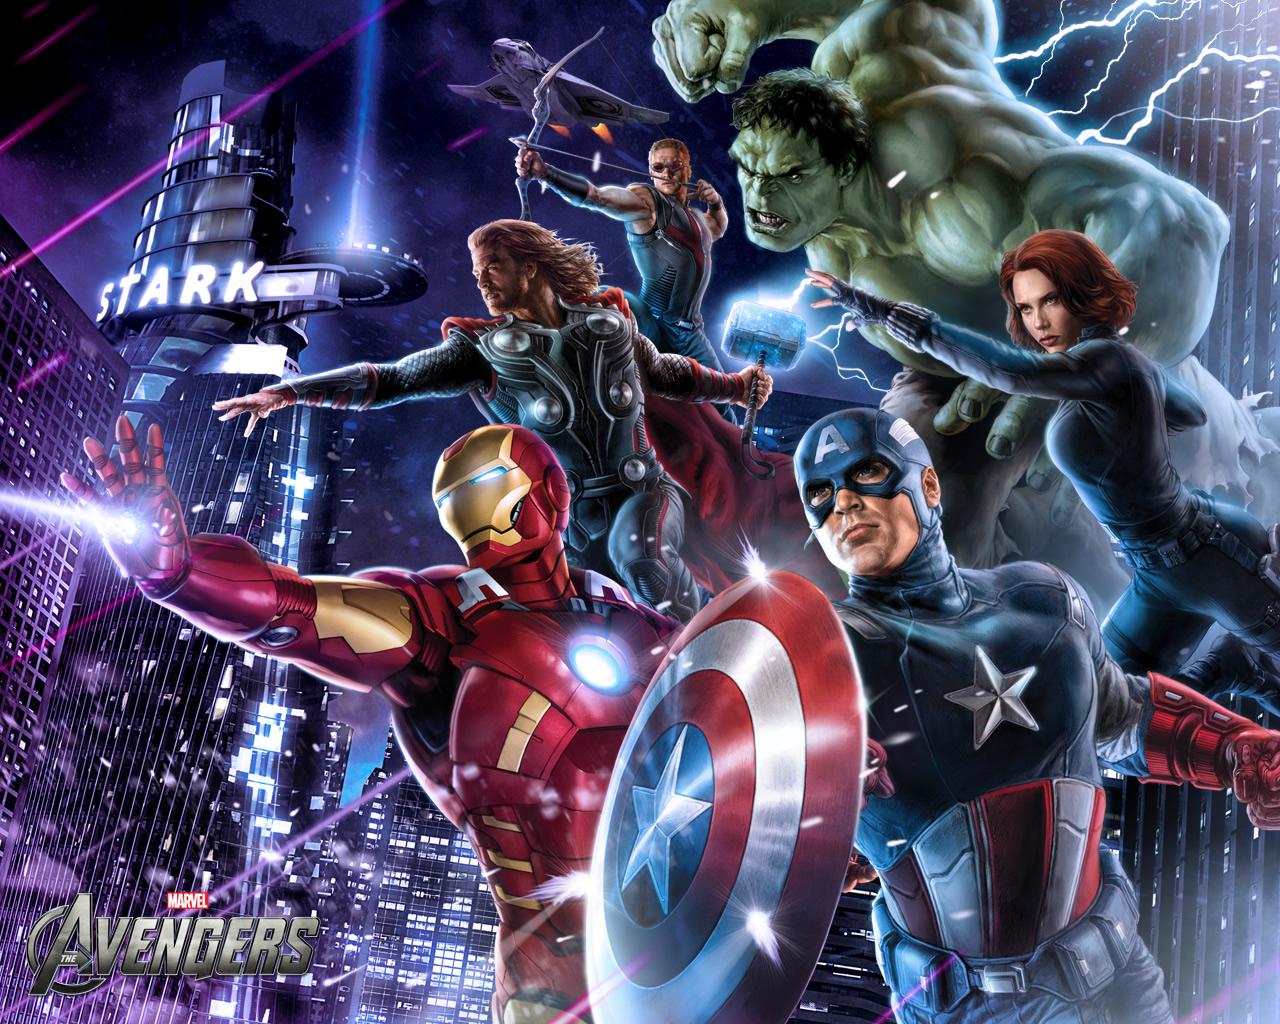 Avengers Wallpaper: Marvel's The Avengers Wallpapers